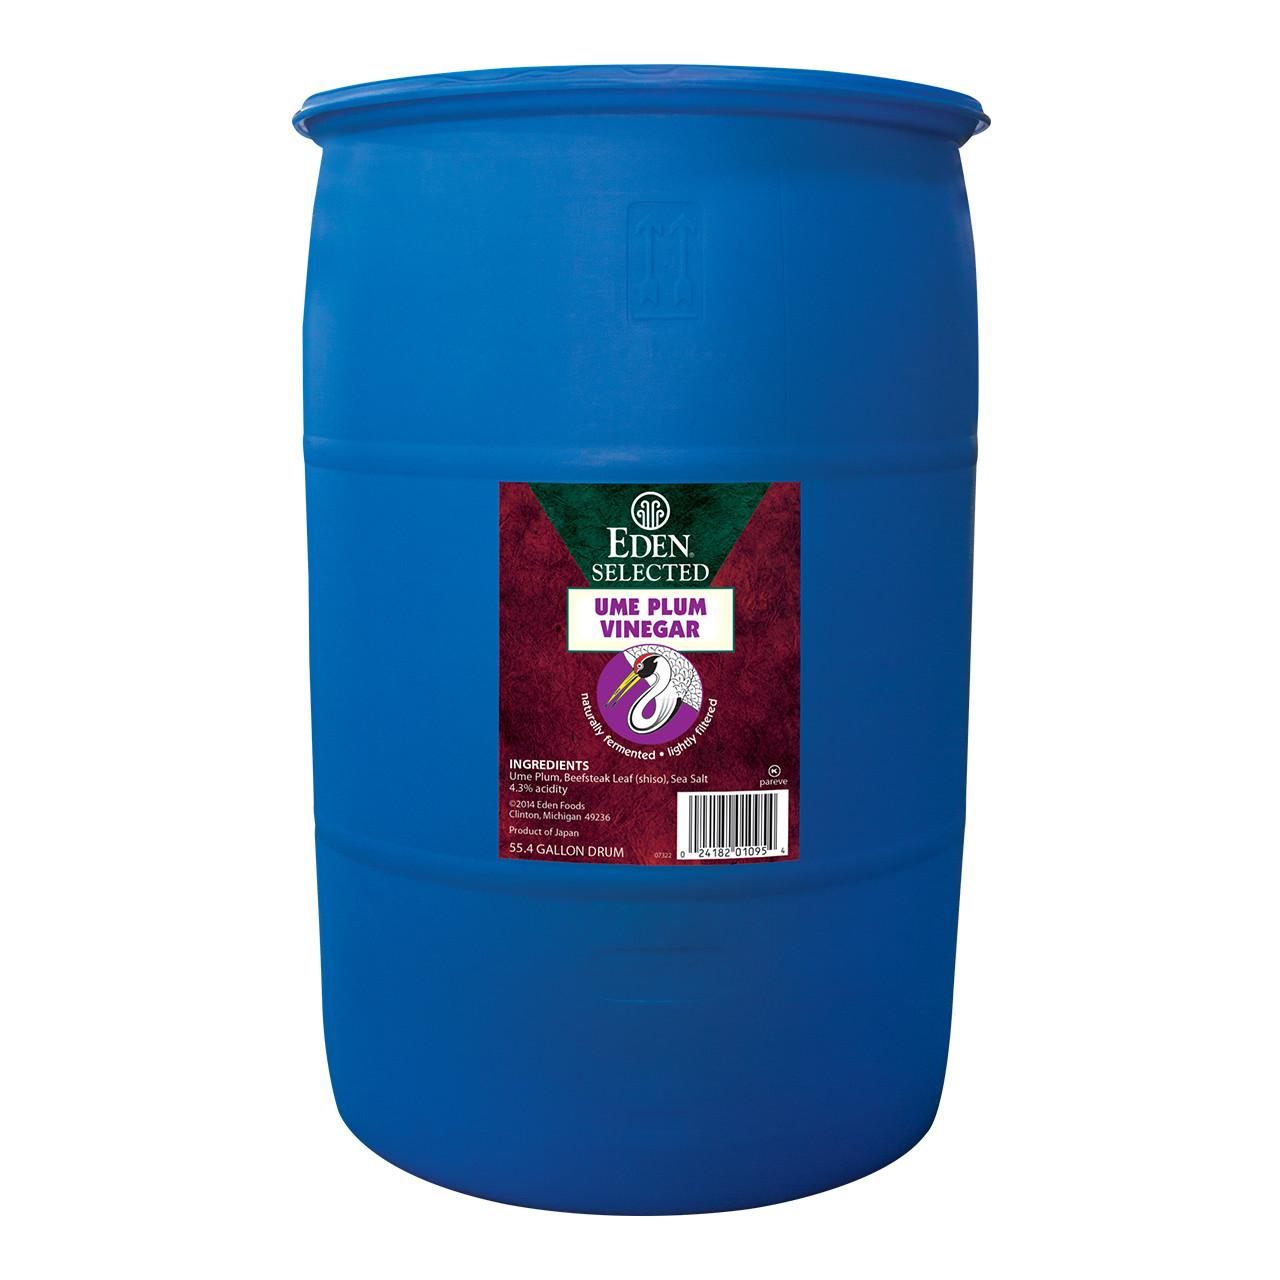 Ume Plum Vinegar - 55.4 gal